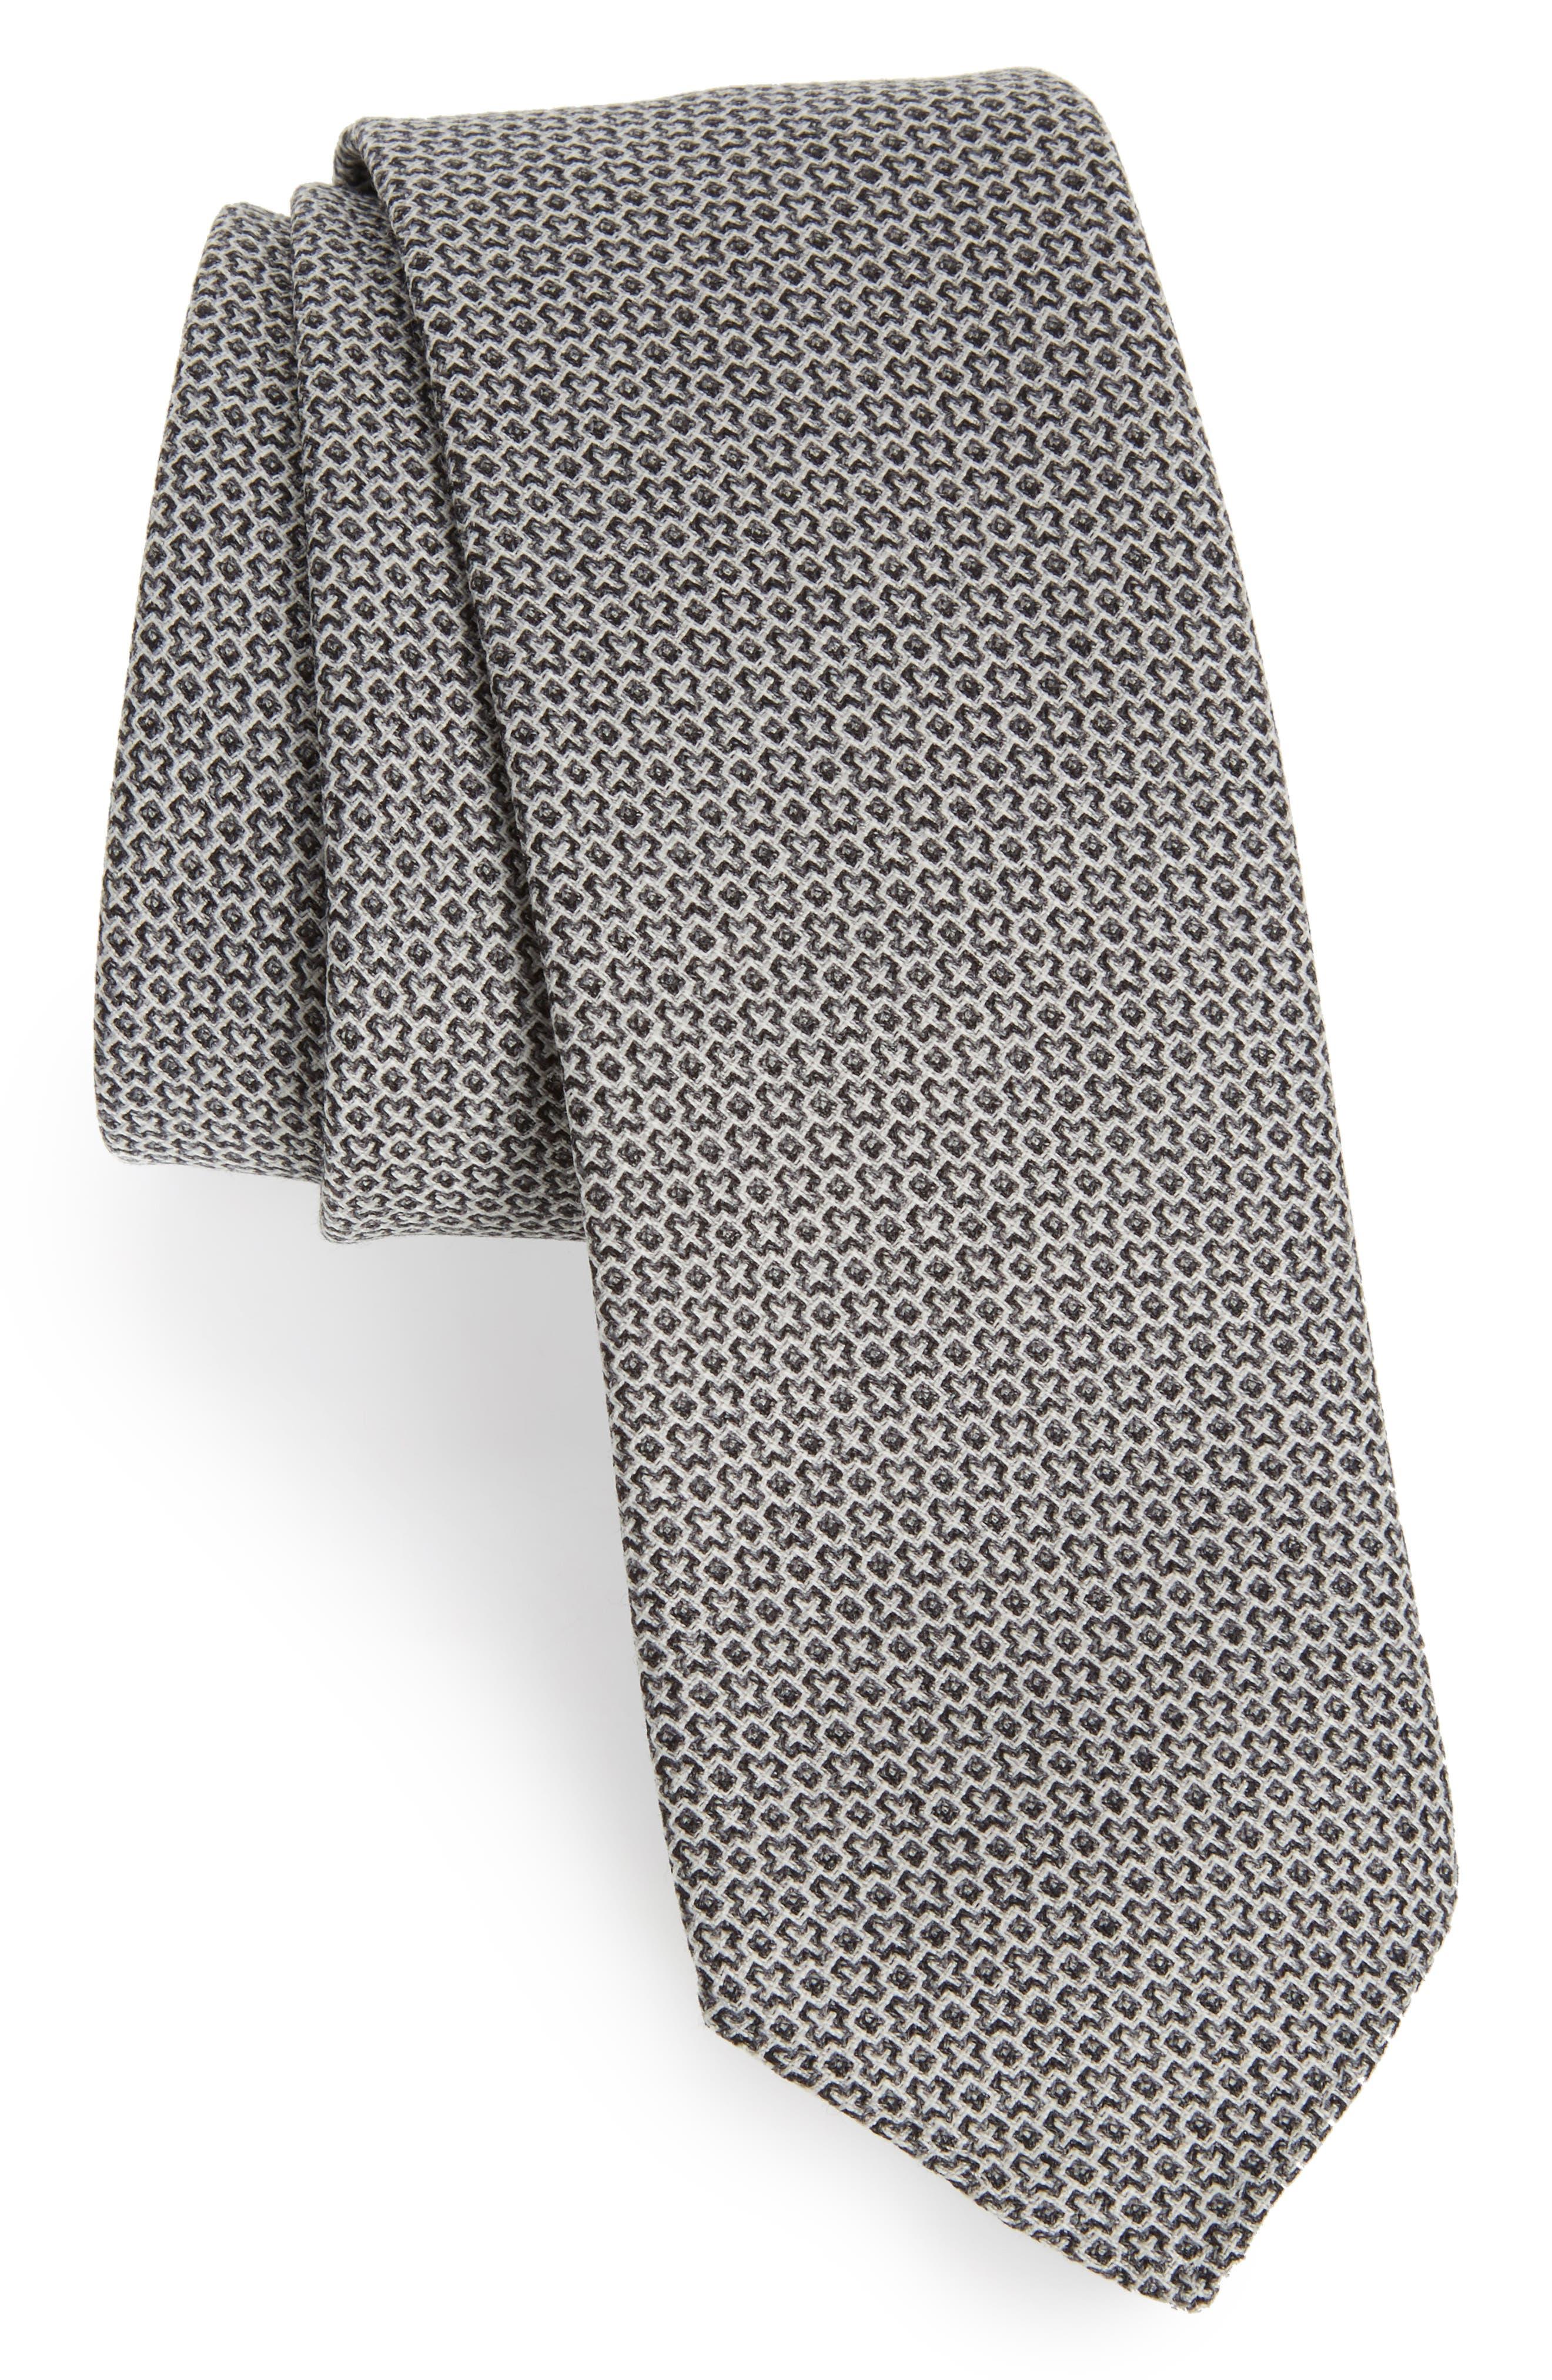 BOSS Jacquard Tie